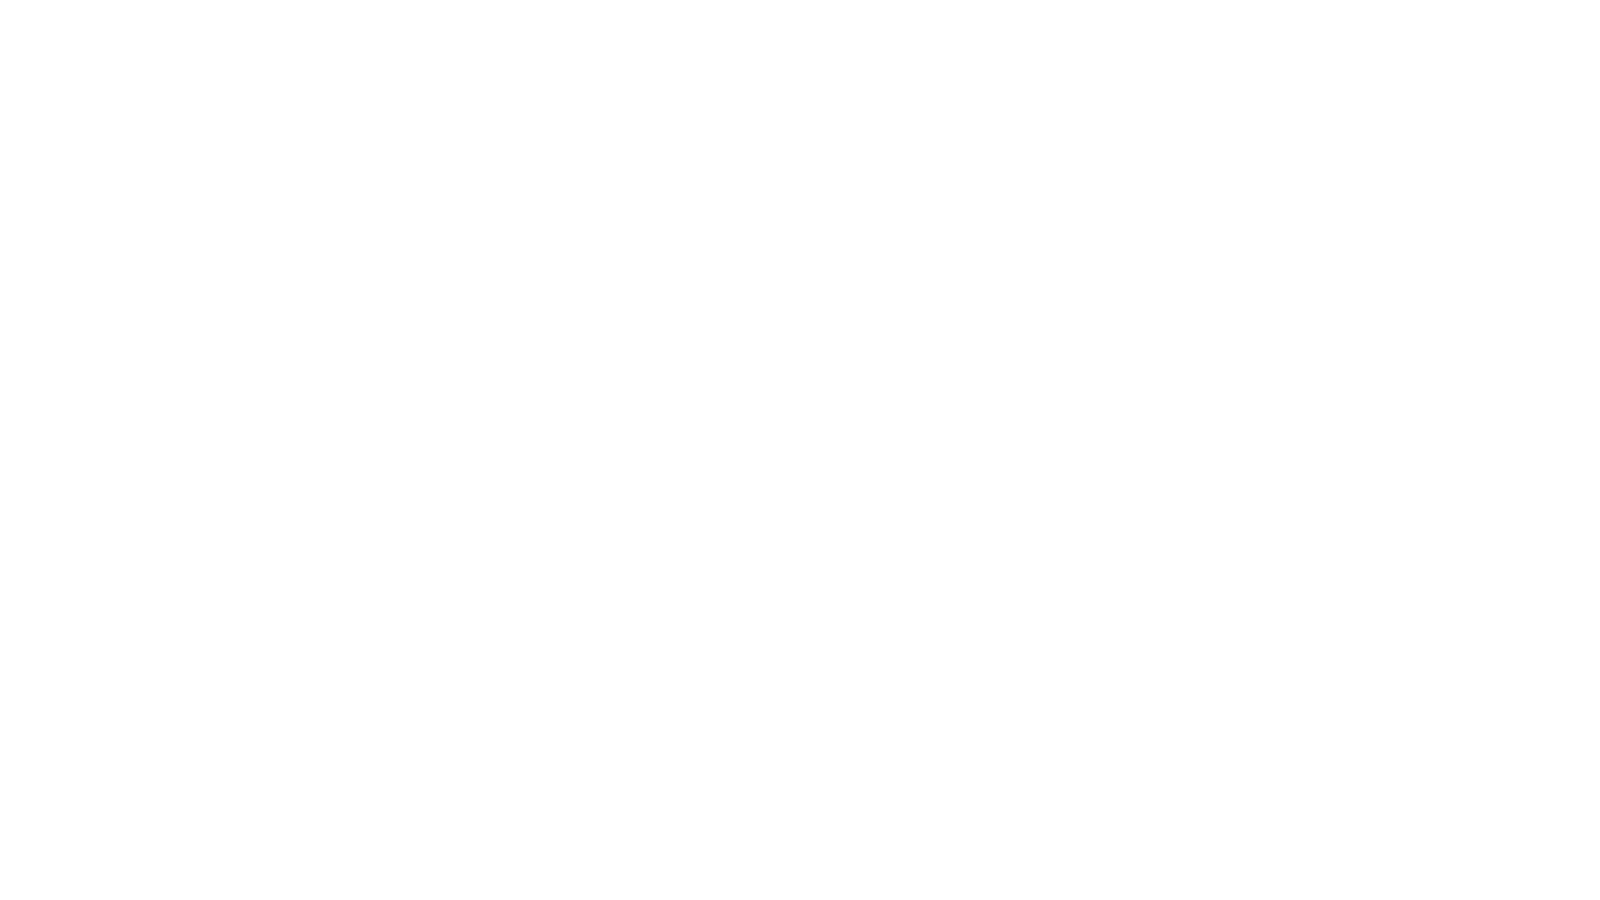 ★★★★★★★★★★★★★★★★★★★★★  低糖質グルテンフリー&シュガーフリーの焼きドーナツを焼きました。 マスカルポーネコーヒークリームには、ココナッツフレークをトッピングしました!   DETAIL:https://clip-clip.jp/archives/19703  《MEDIA》  CLIP'CLIP:https://clip-clip.jp/  Instagram:https://www.instagram.com/clipclip_hiroko/  Twitter:https://twitter.com/clip_hiroko    #グルテンフリー #低糖質 #ドーナツ ★★★★★★★★★★★★★★★★★★★★★